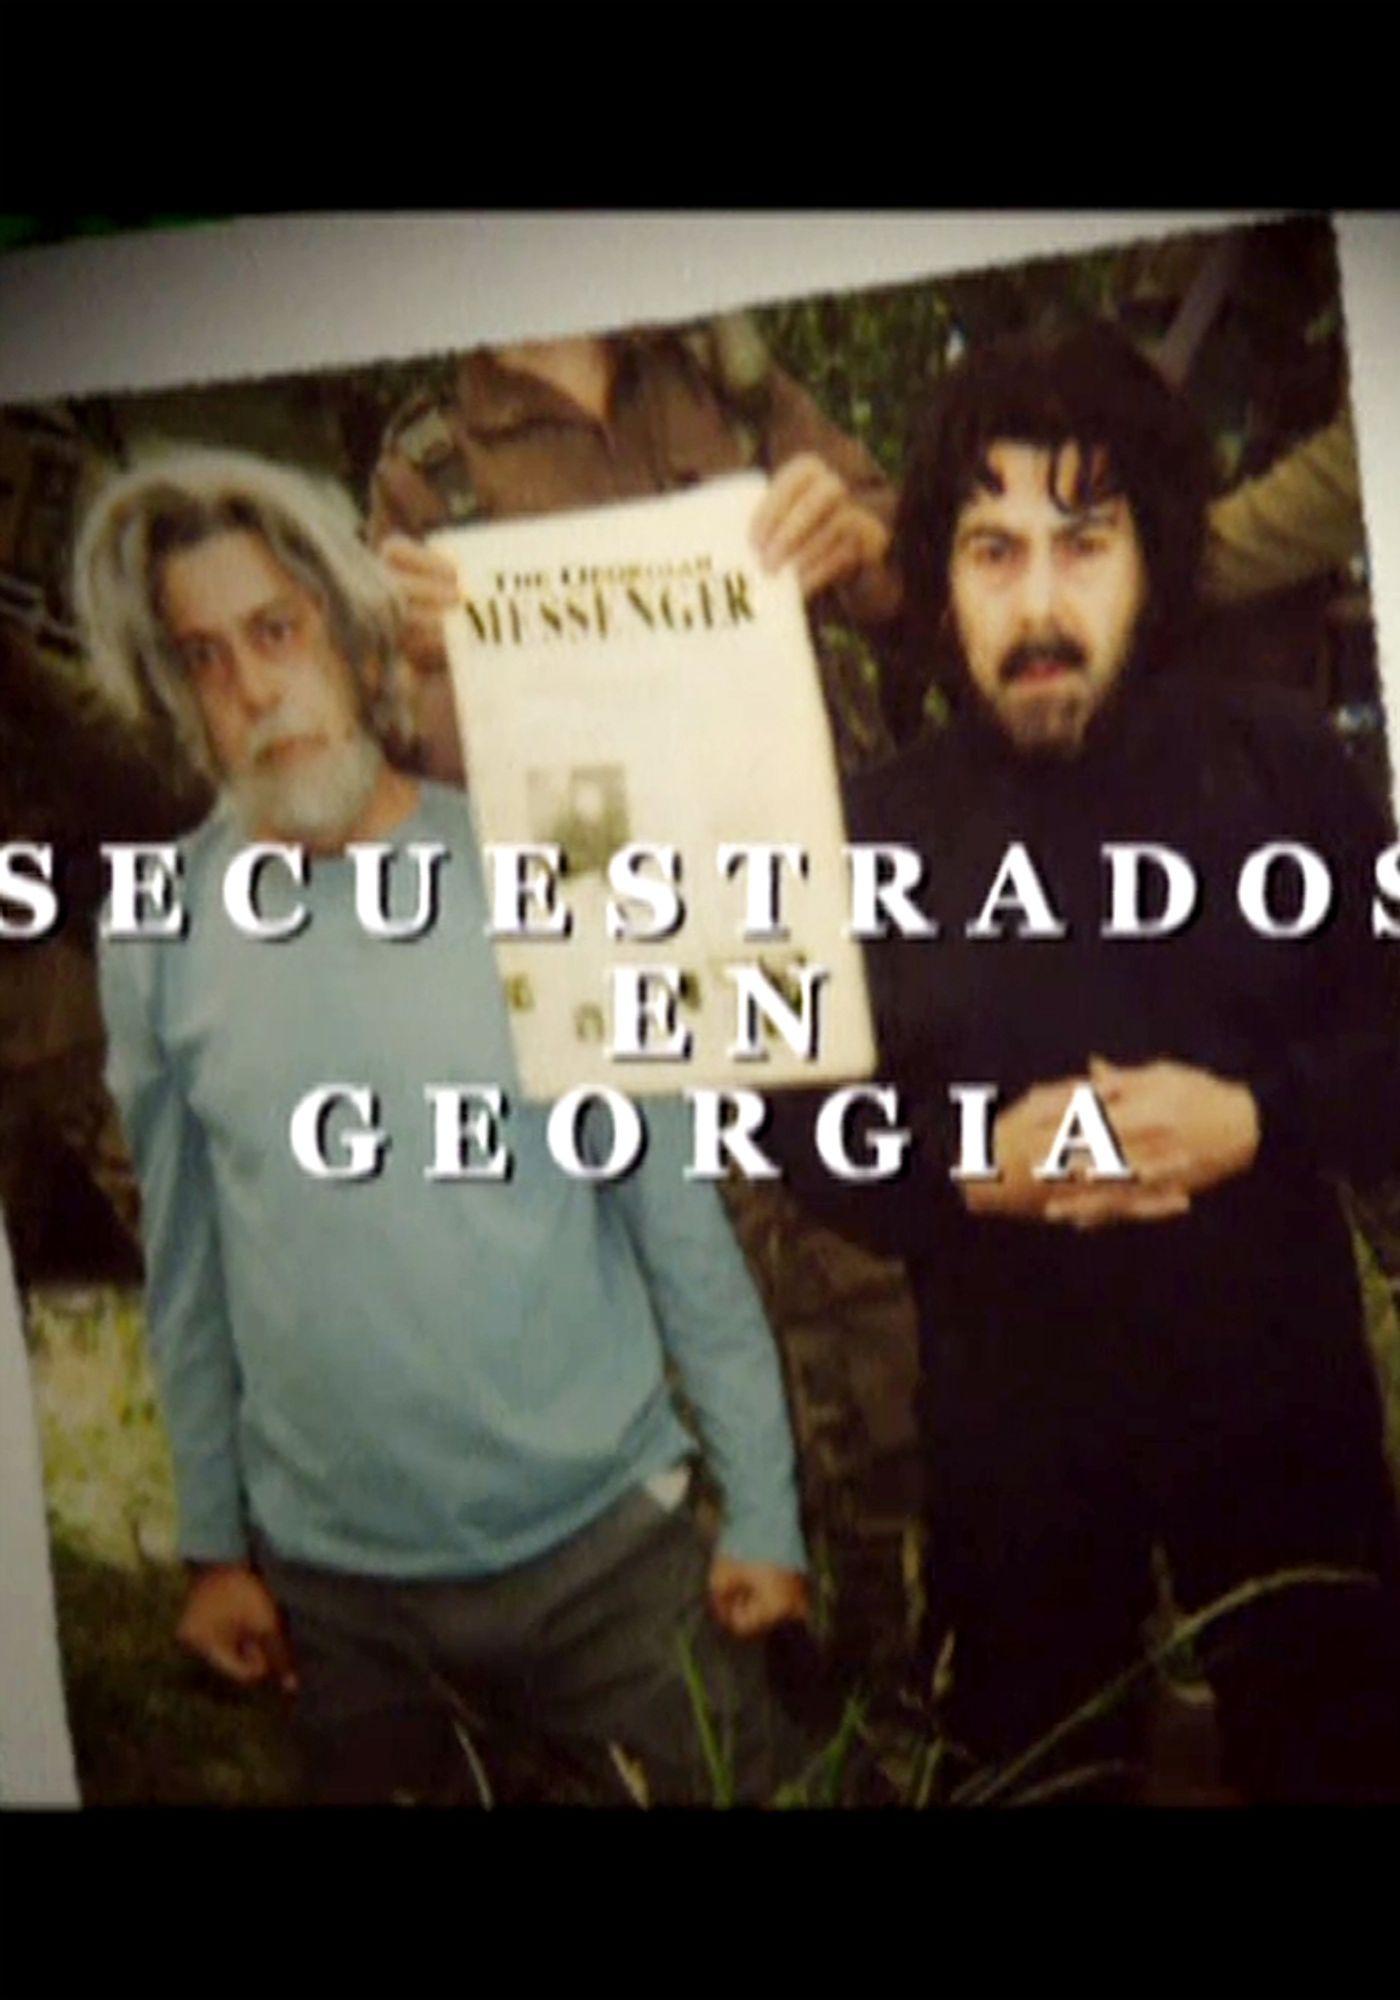 Secuestrados en Georgia